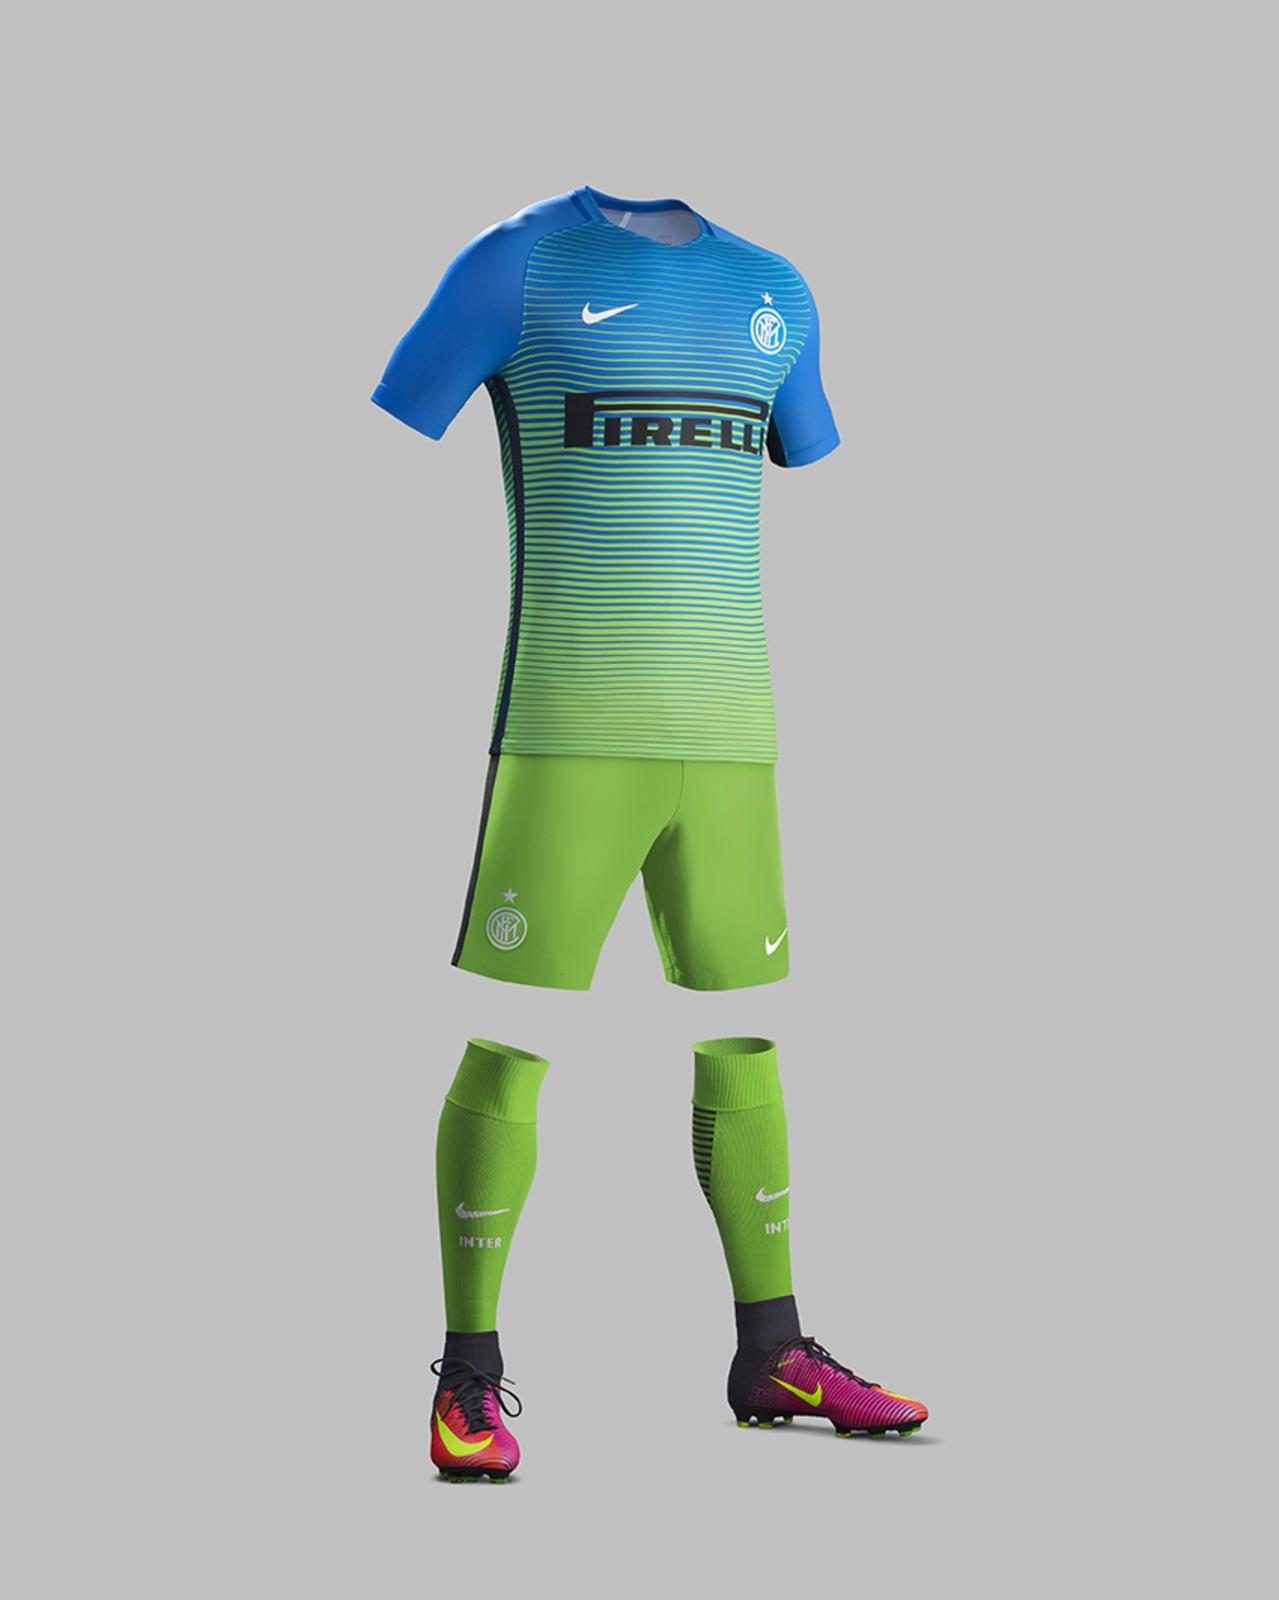 4da44aa95c Terceira camisa da Inter de Milão 2016-2017 Nike kit